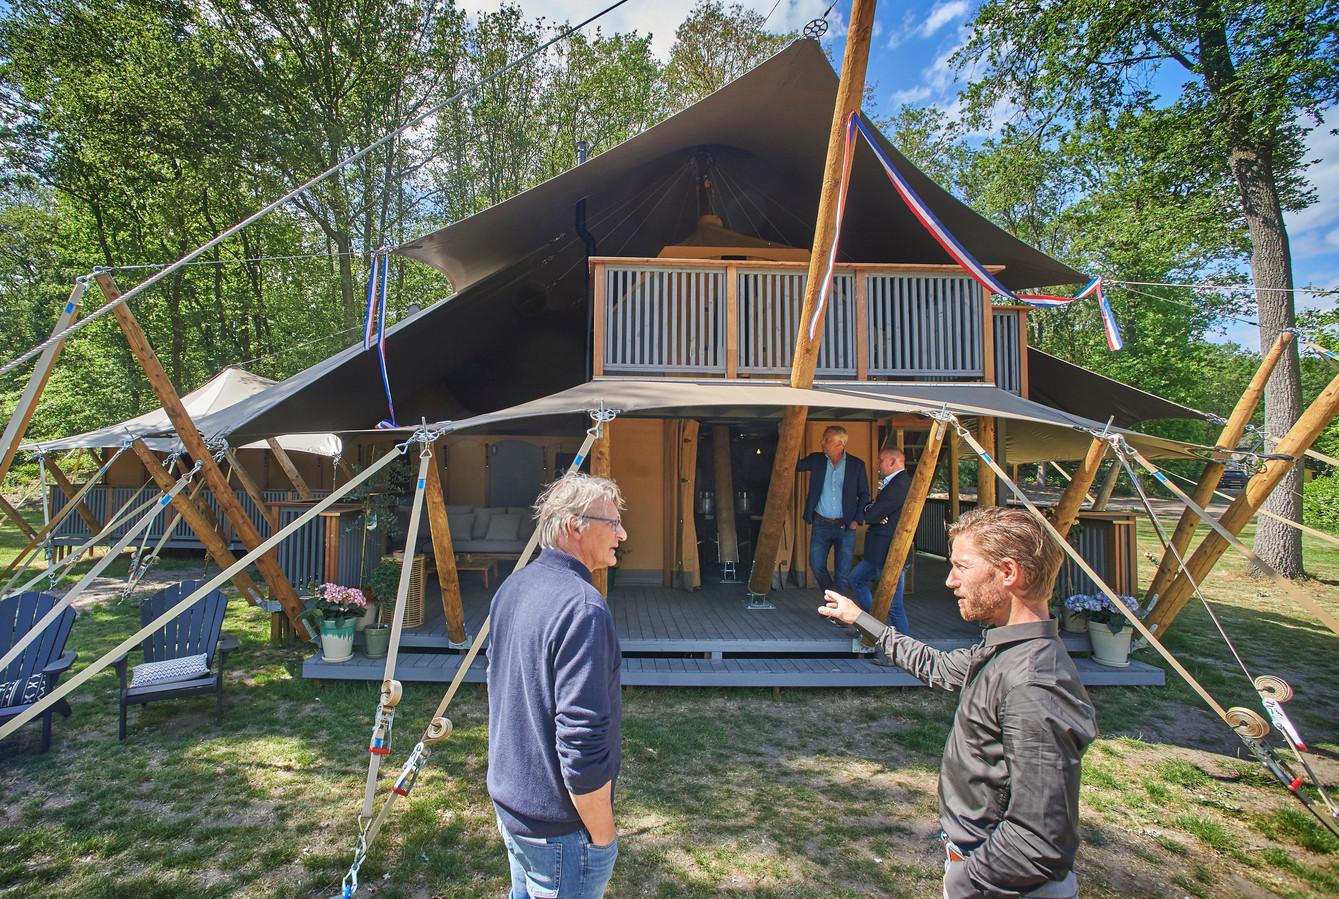 Het lievelingsplekje van Rems Verbossen (rechts), eigenaar van De Pier in Uden, is de slaapkamer in de nieuwe Konings Lodge. ,,Als je wakker wordt, kijk je zo de bomen in.''